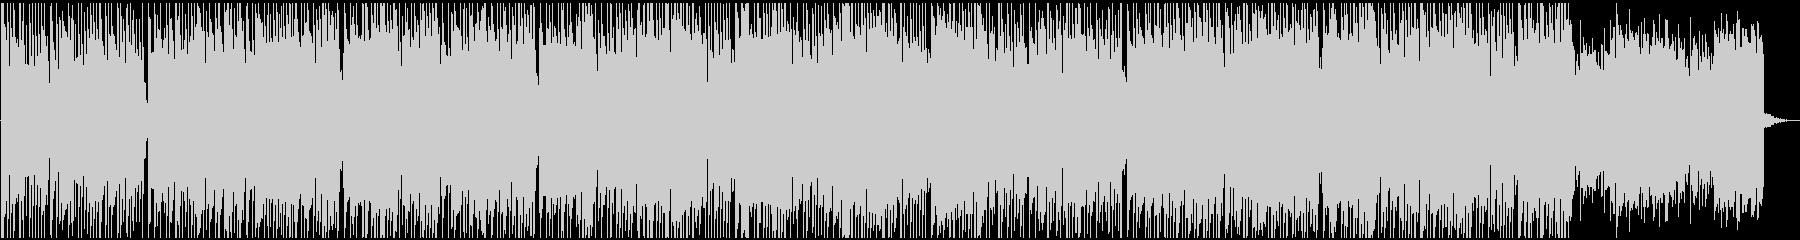 ほのぼの・日常・インディーポップBGMの未再生の波形